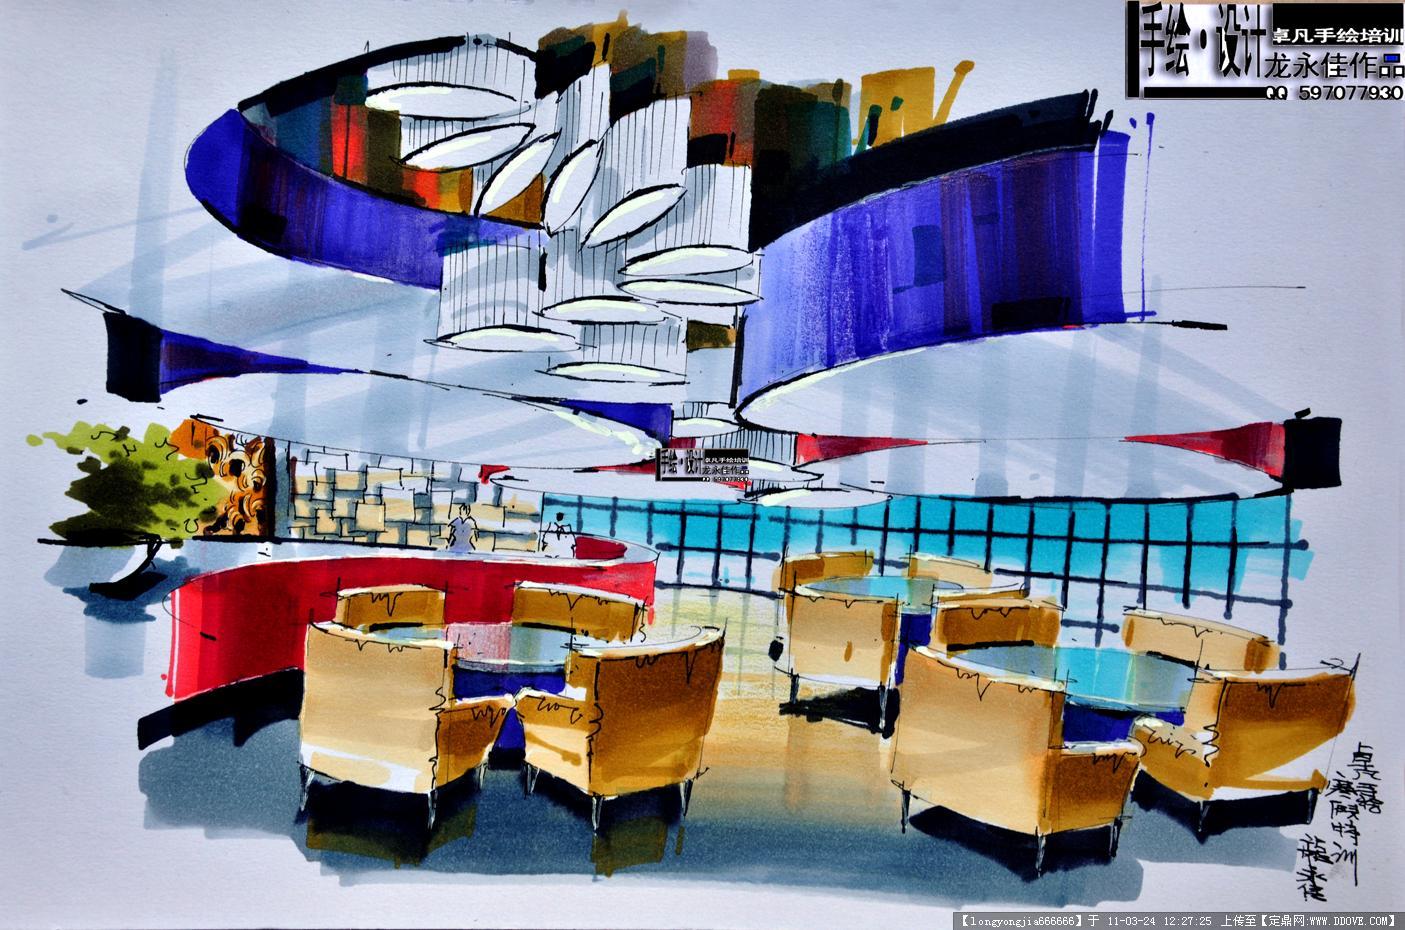 手绘效果图一张的图片浏览,室内效果图,酒店会所,室内